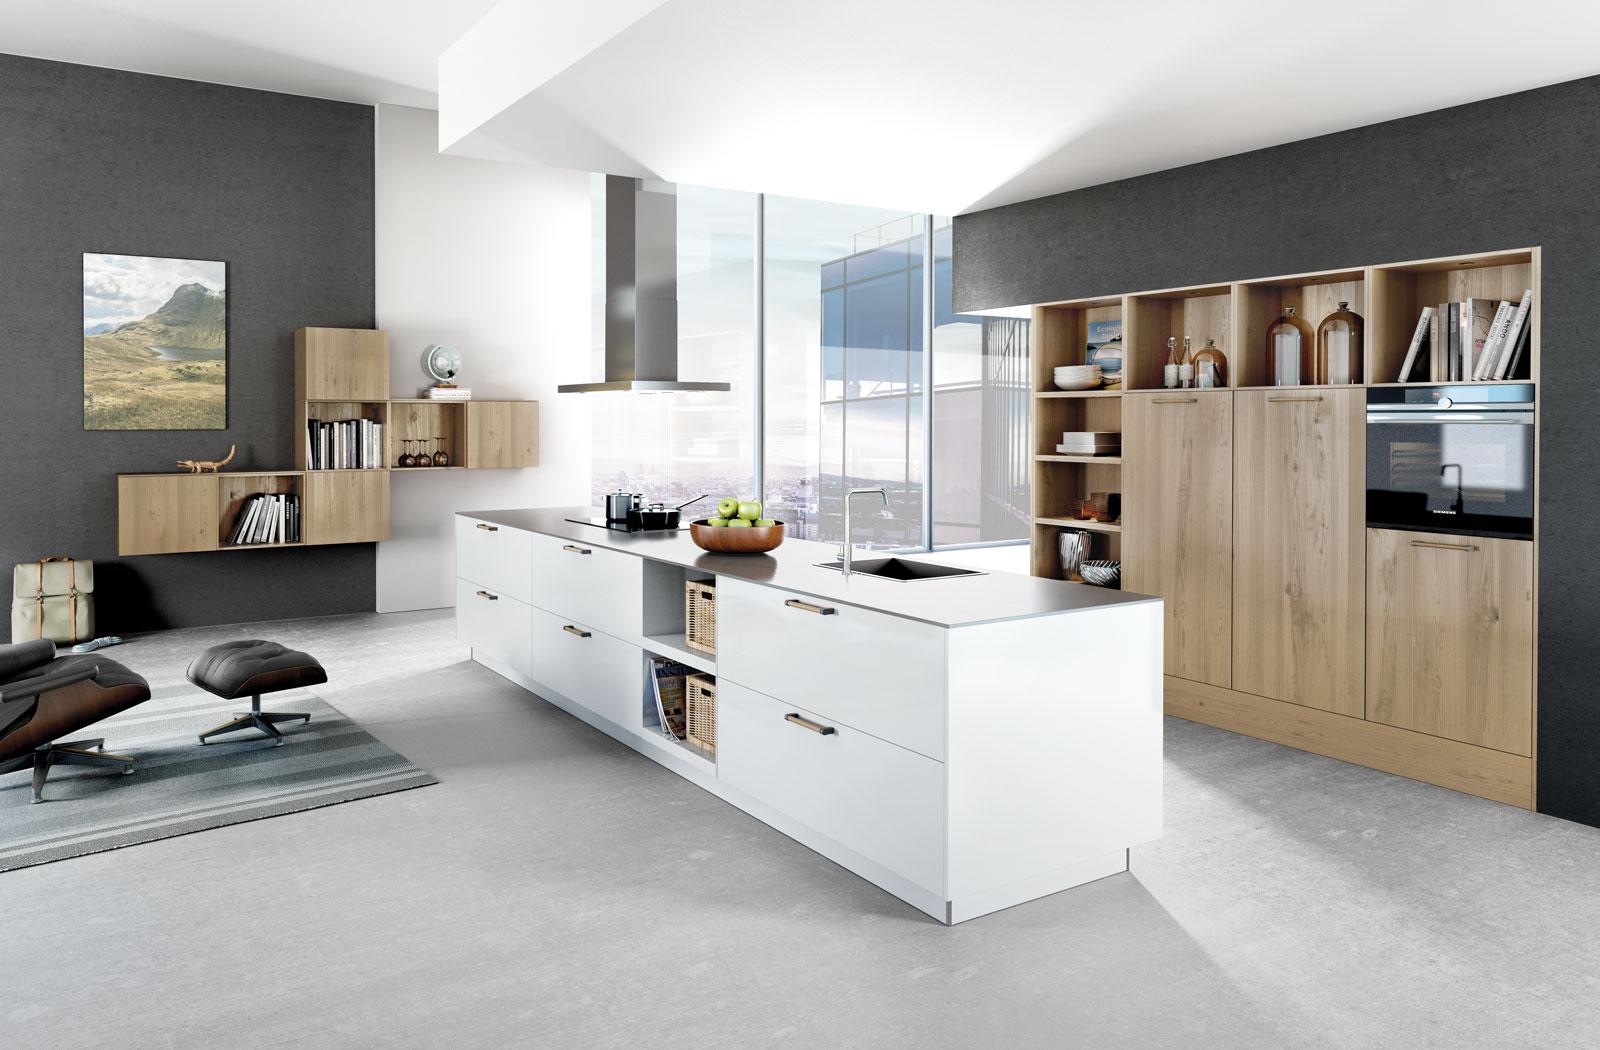 Meble kuchenne na wymiar Basic - oferta SAS Wnętrza i Kuchnie